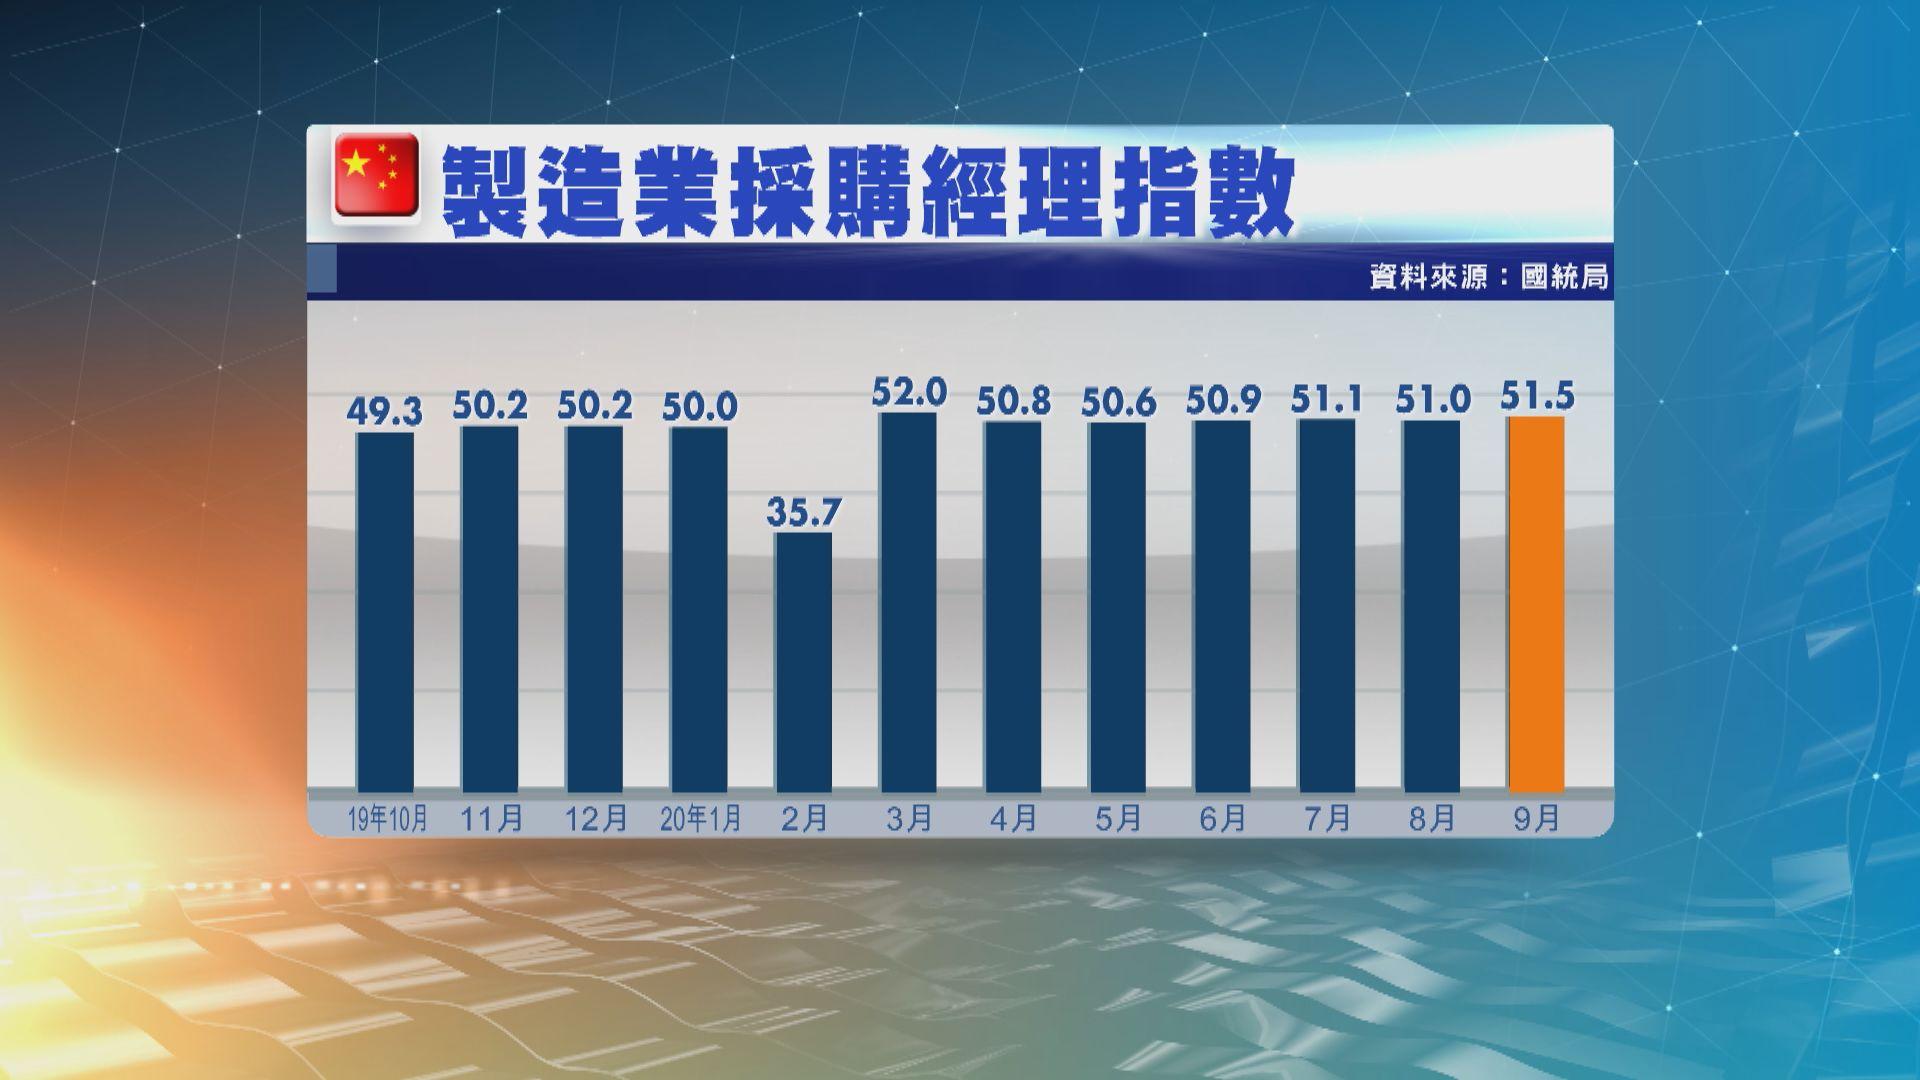 國統局:中國進出口仍存在不確定因素